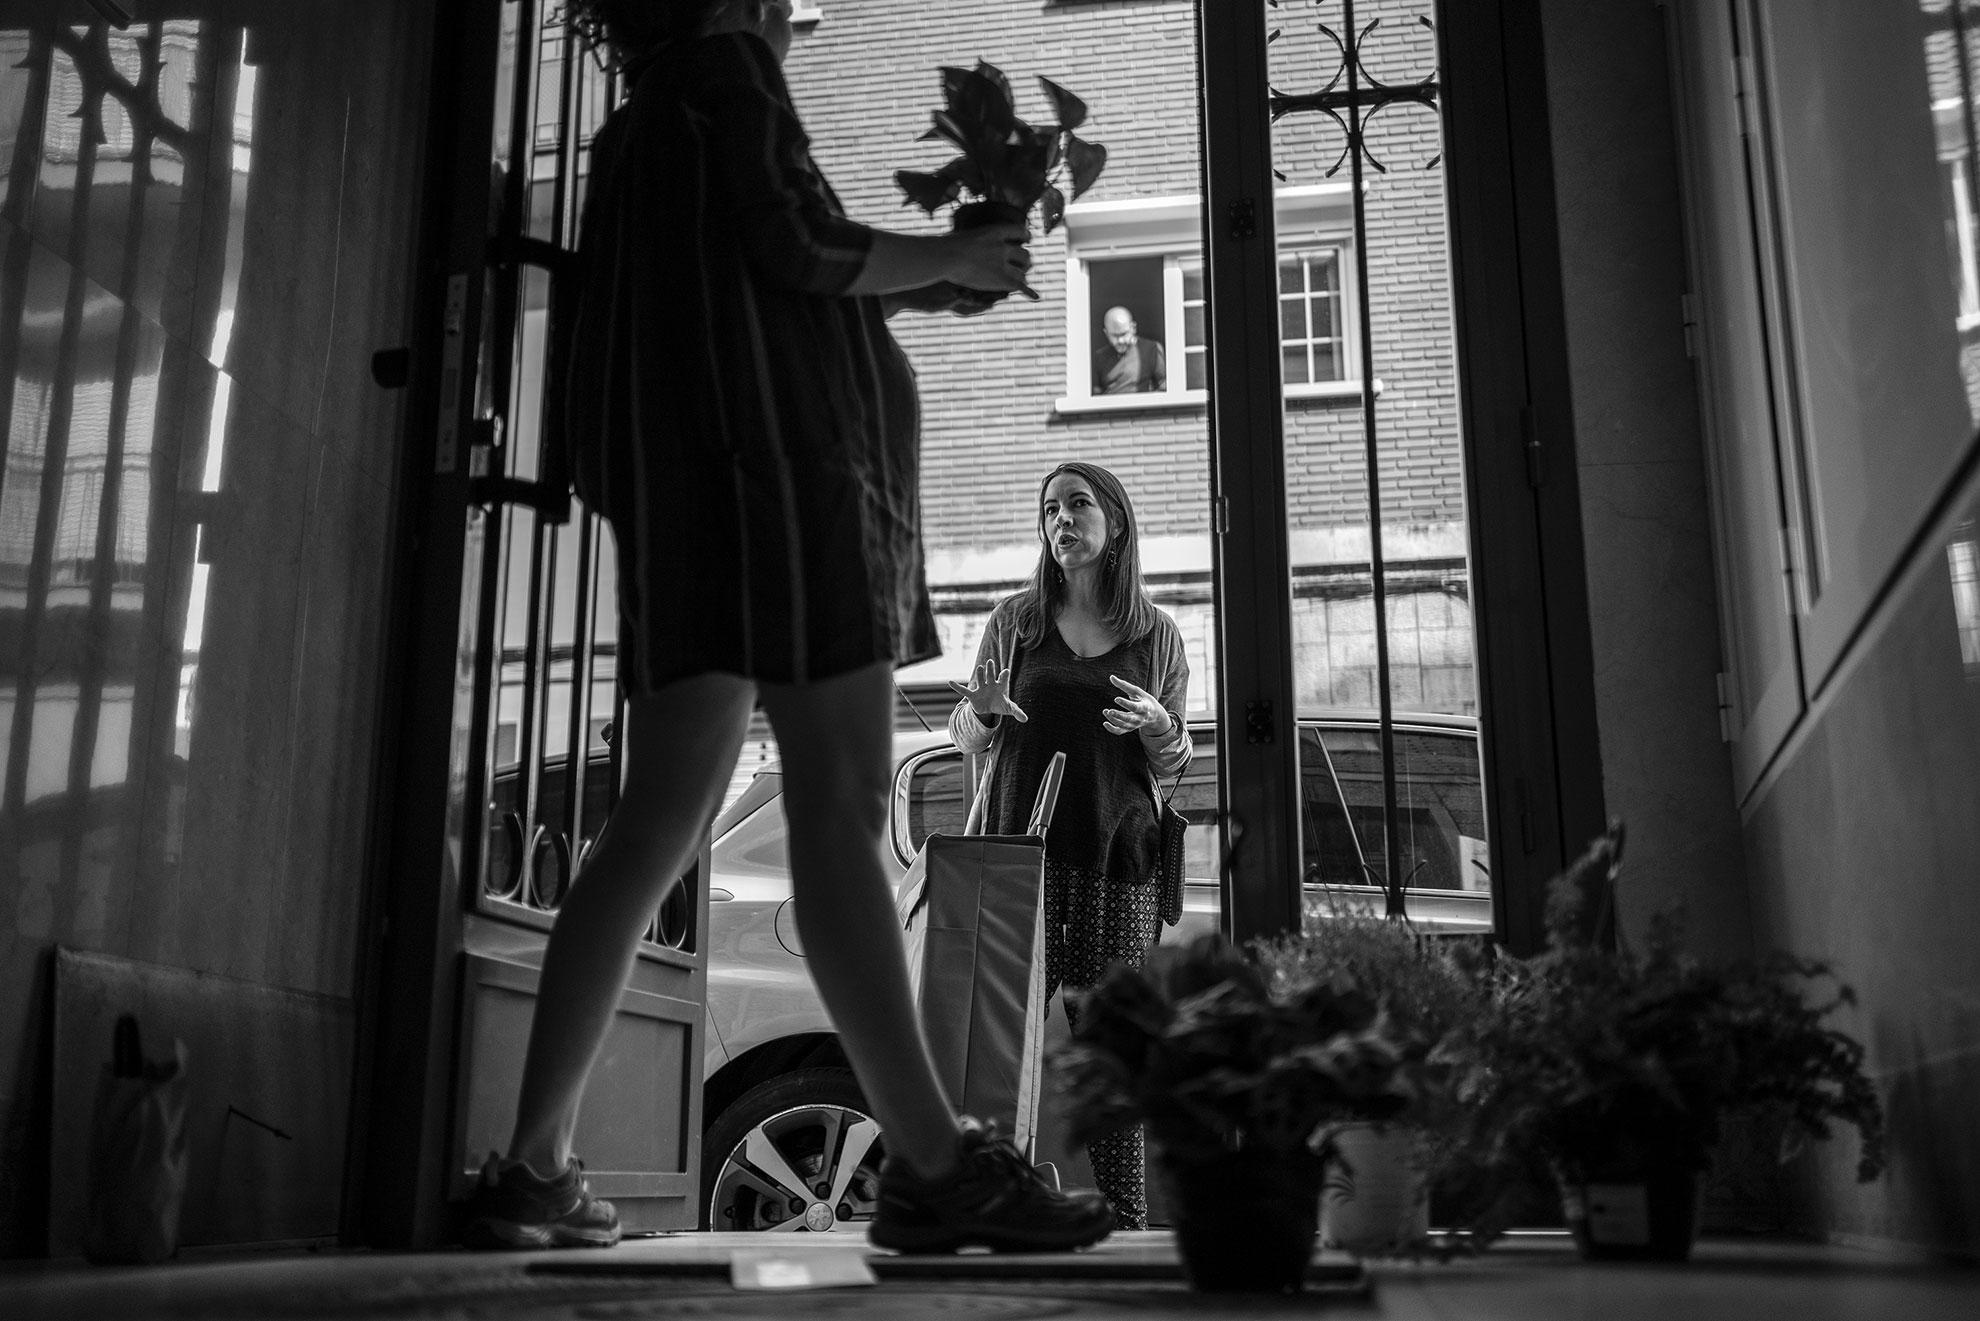 Alguna mañana, Sara -amiga, vecina y compañera de profesión- me ha sorprendido llamando al timbre para dejarme algún detalle. La compra de 6kg de tomate para hacer mi ya famosa salsa, unas croquetas deliciosas de queso feta y calabaza o hilo y alfileres para poder hacer mis experimentos de costura. Lo último han sido unas plantas para llenar la casa de primavera y hacer más acogedora la bienvenida a Iria. Gracias, querida.